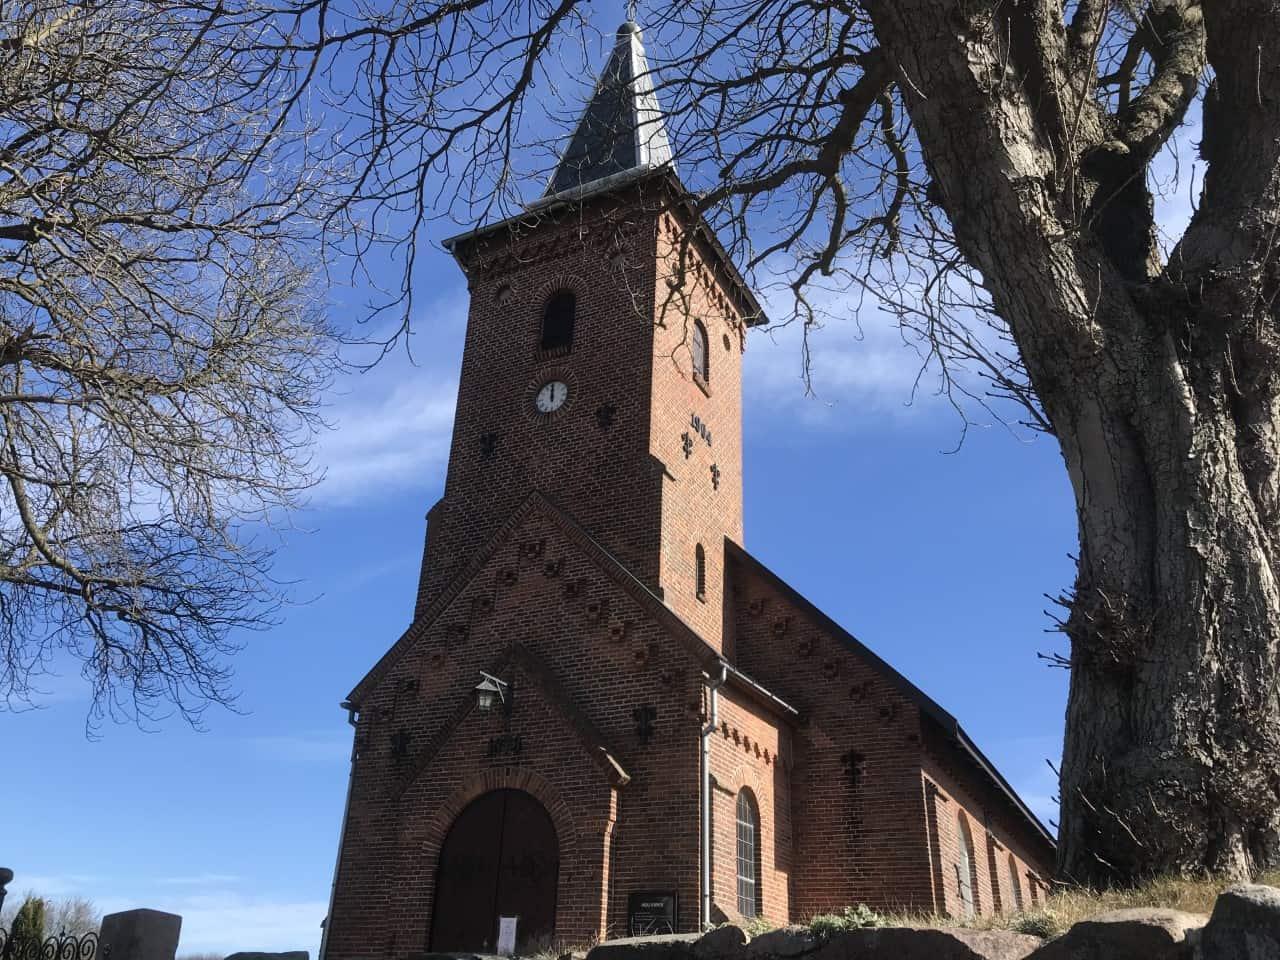 Hou Kirke kirketårn